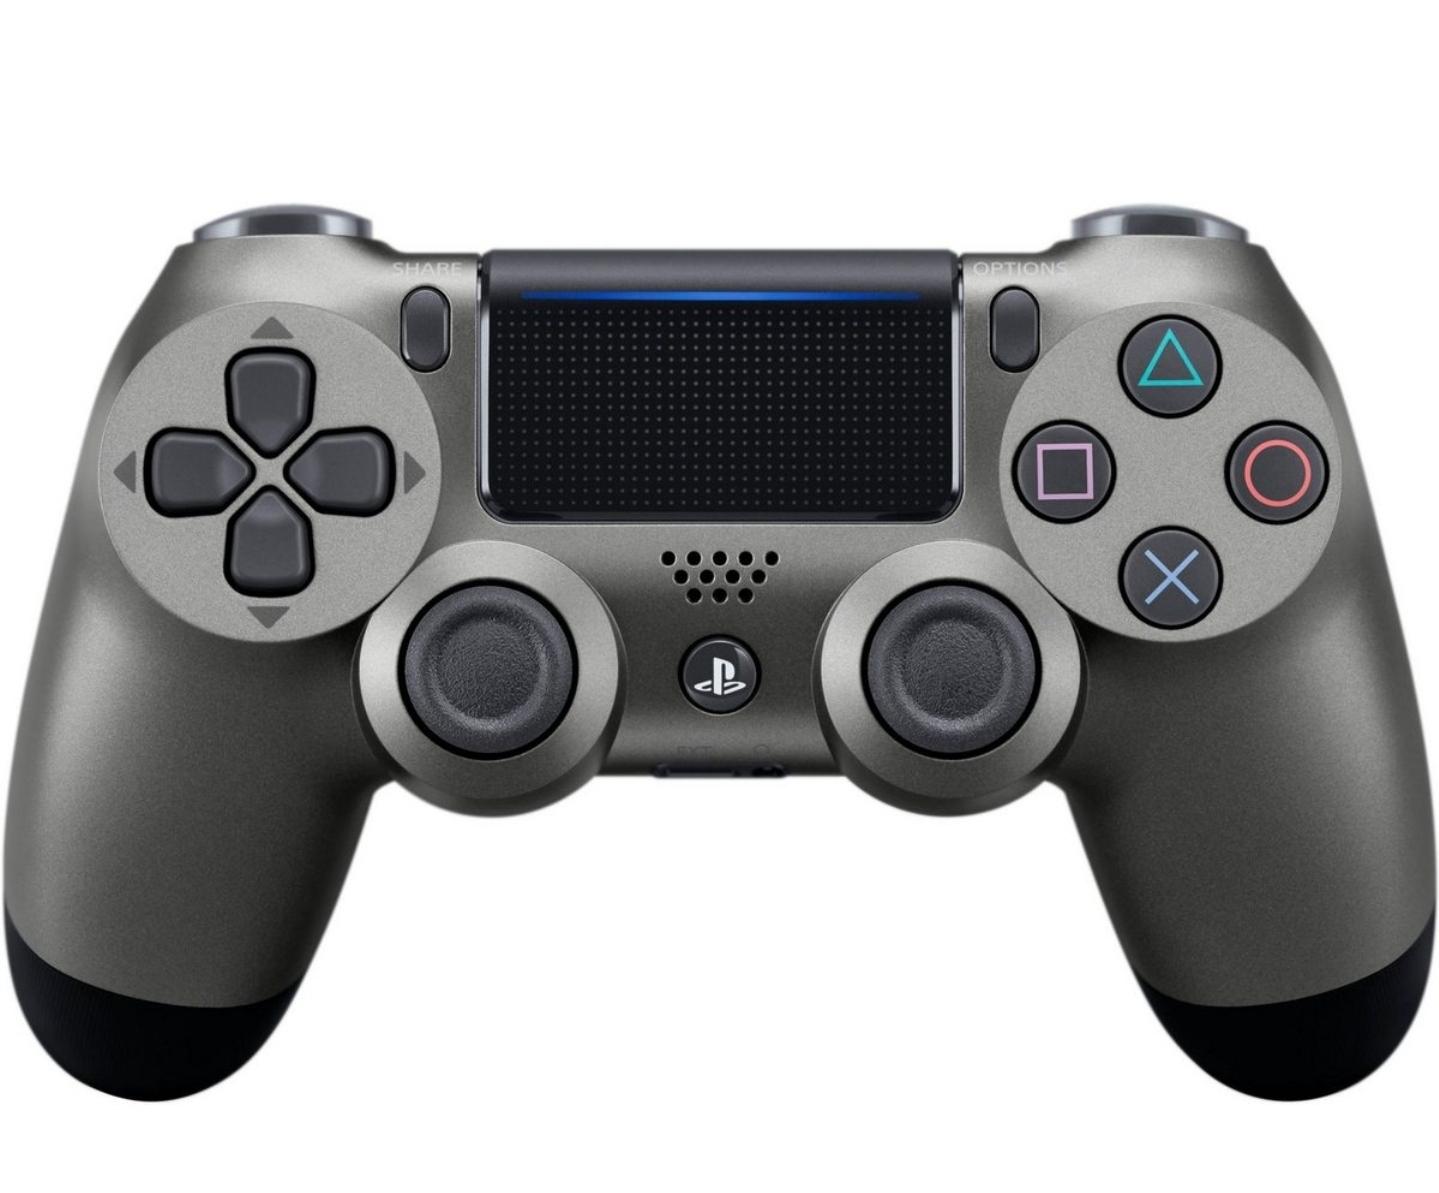 [Grensdeal DE] PS4 Dualshock v2 controller in verschillende kleuren voor € 22,99 @otto.de